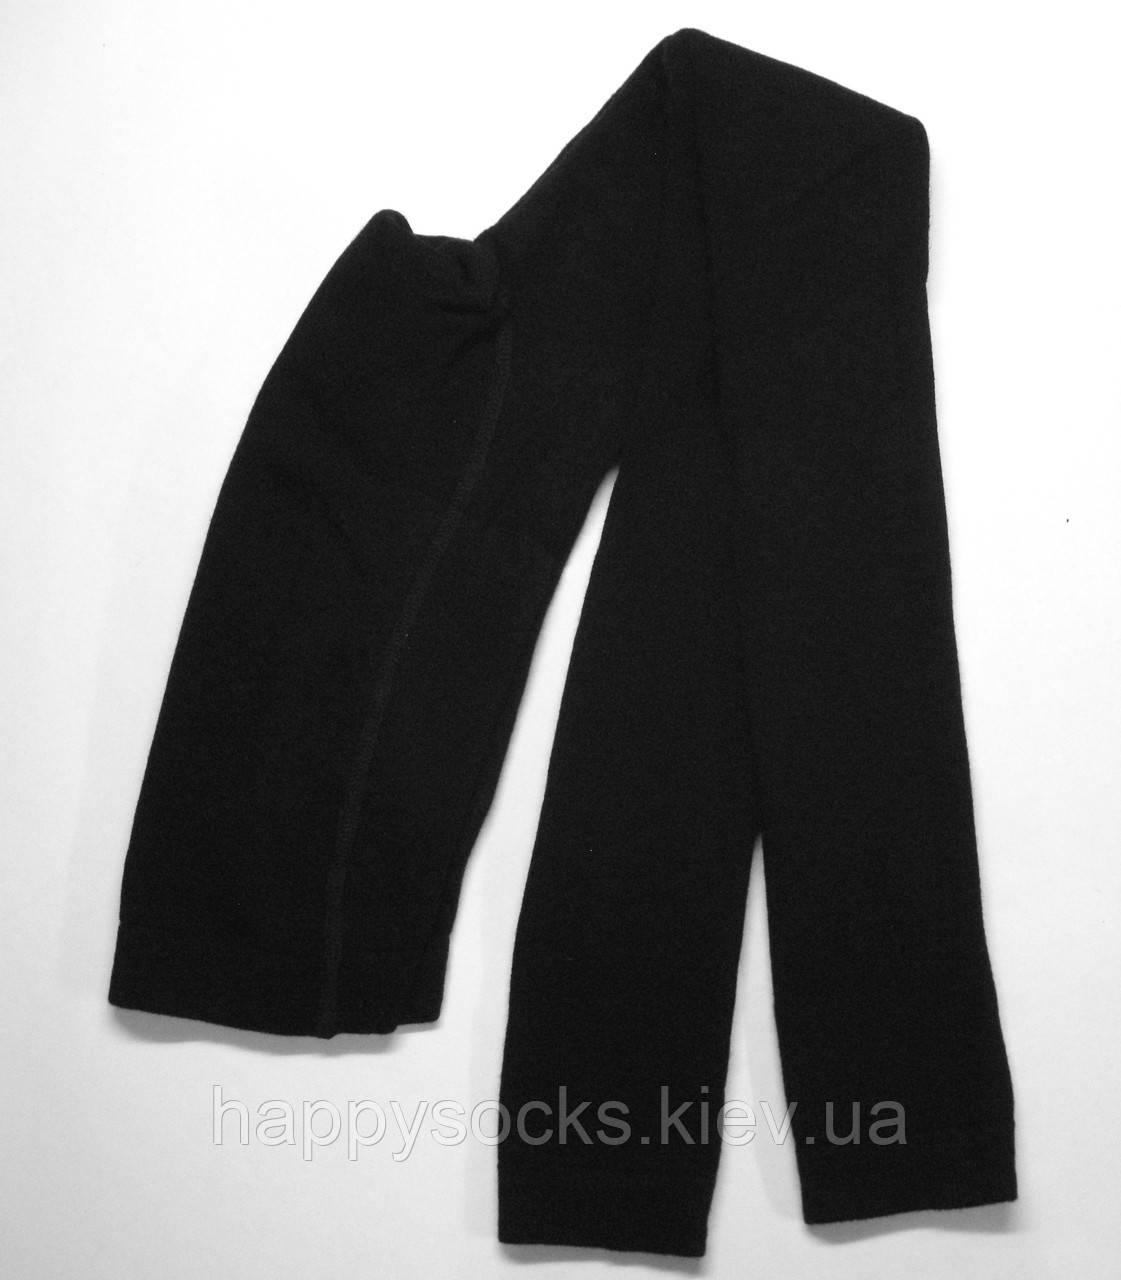 Махровые однотонные хлопковые лосины черного цвета Bross